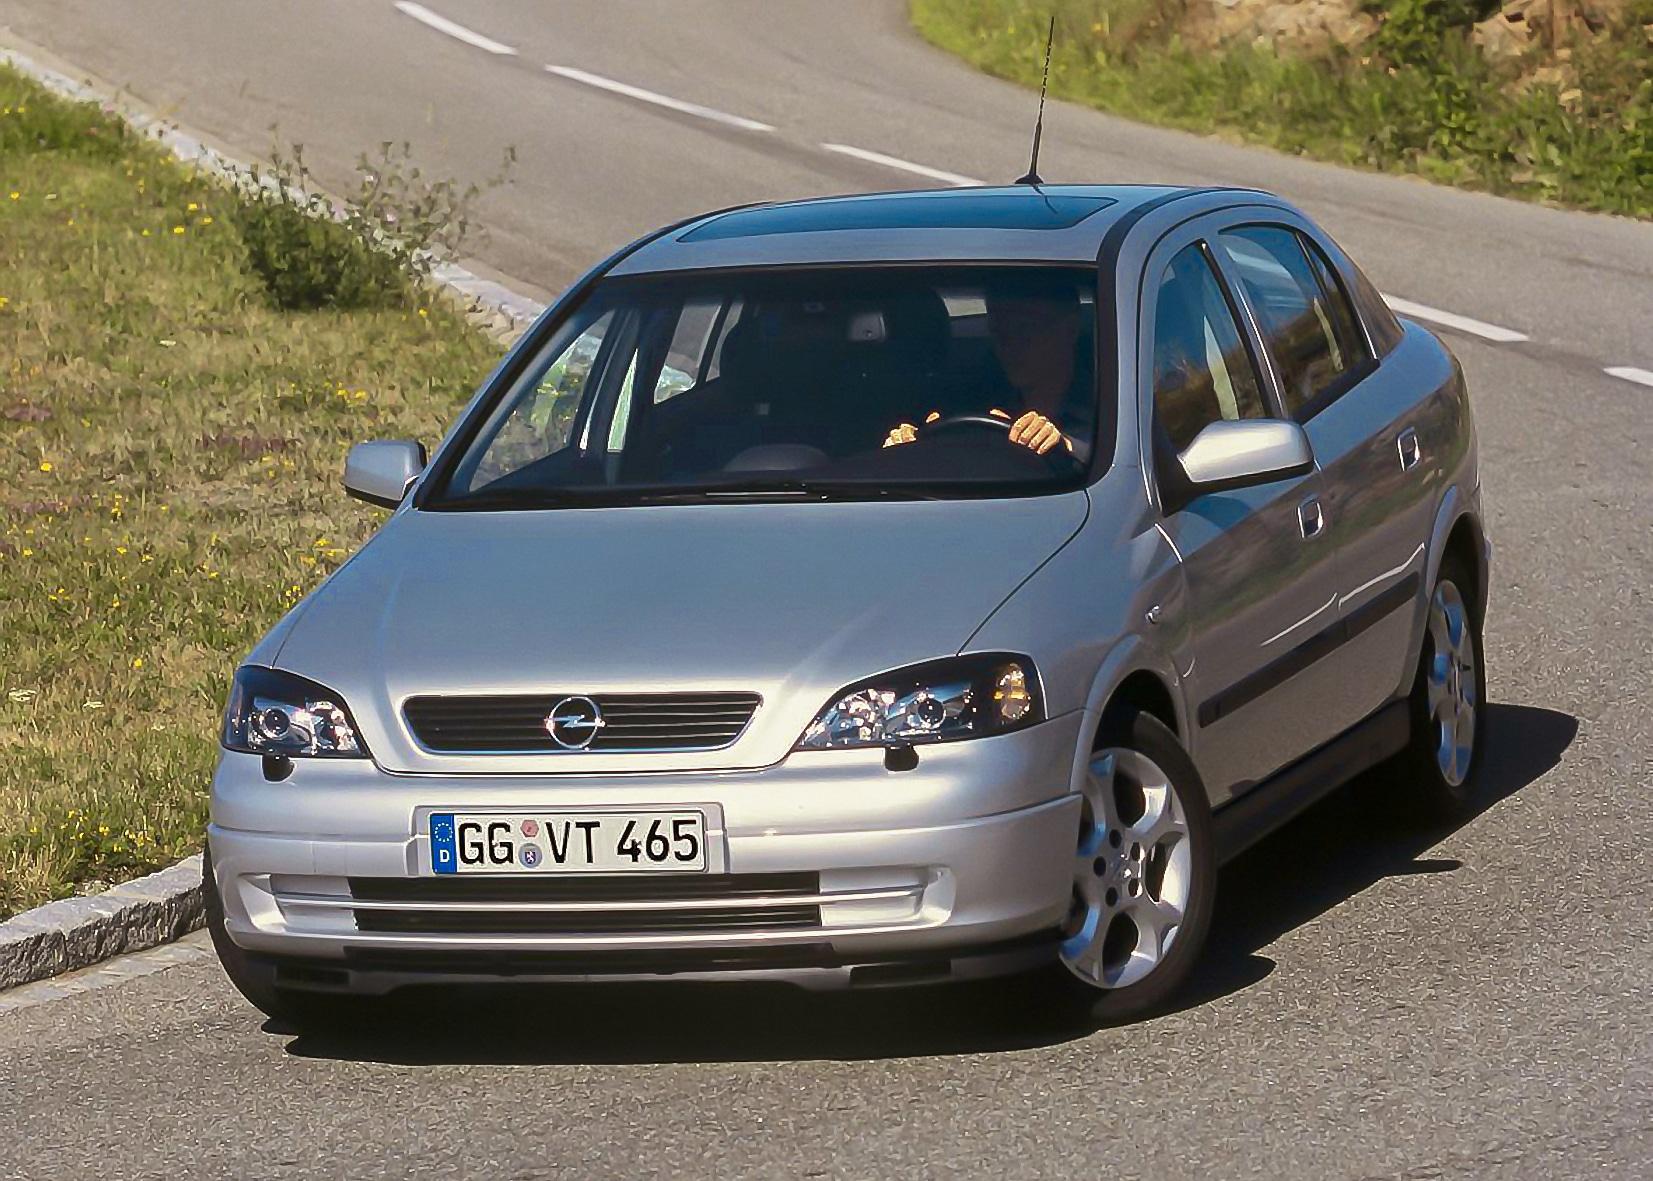 Inspektion bei einem Opel Astra der G-Bauphase